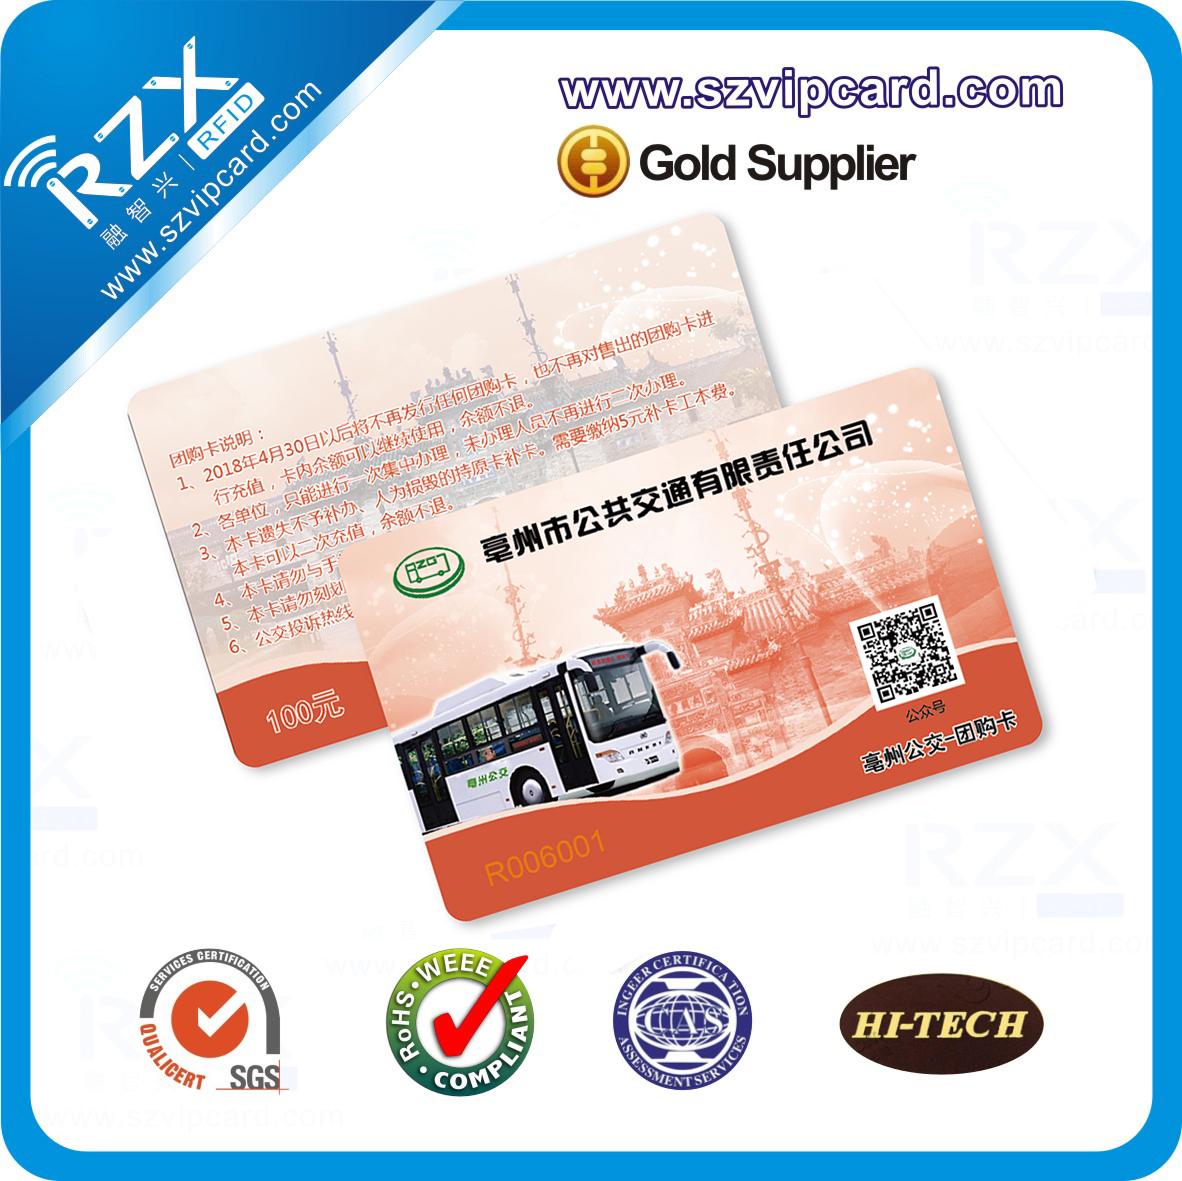 FM1208-10芯片卡